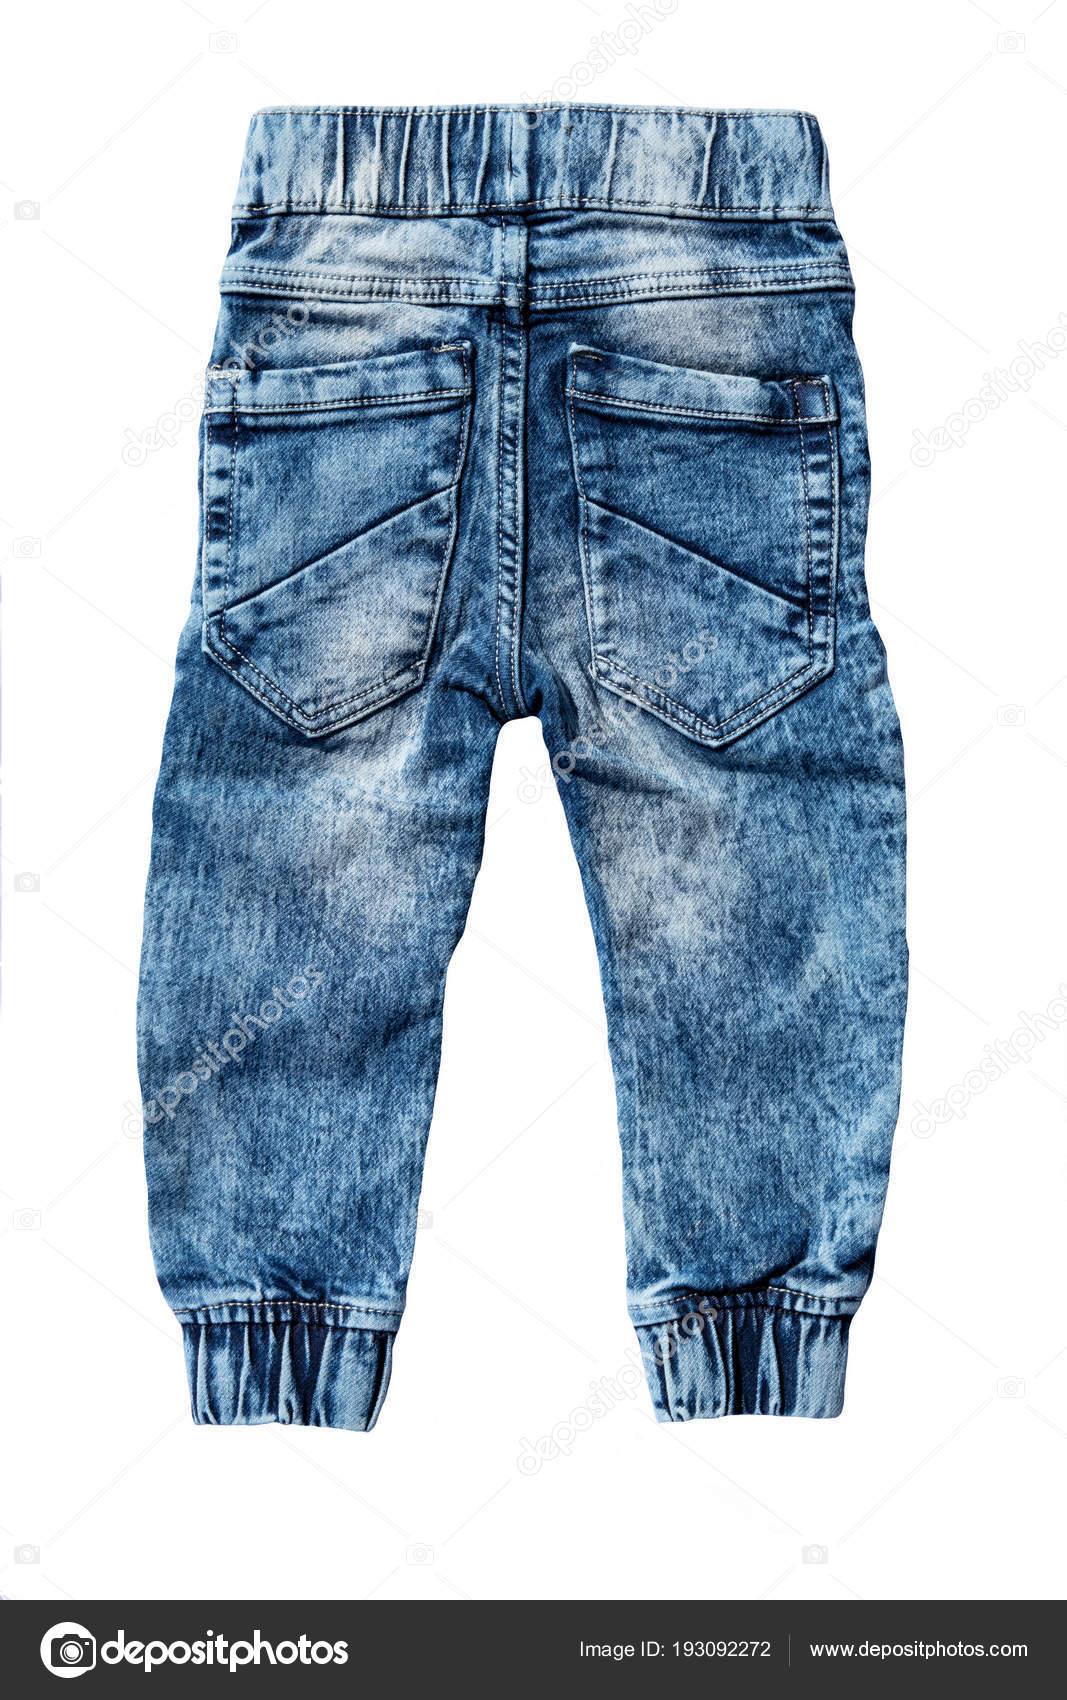 bd27a90a8 Pantalón de jeans azul aislado sobre fondo blanco. Jeans de moda para niño  niño. Sitio posterior vista superior - imágenes  un pantalon — Foto de ...